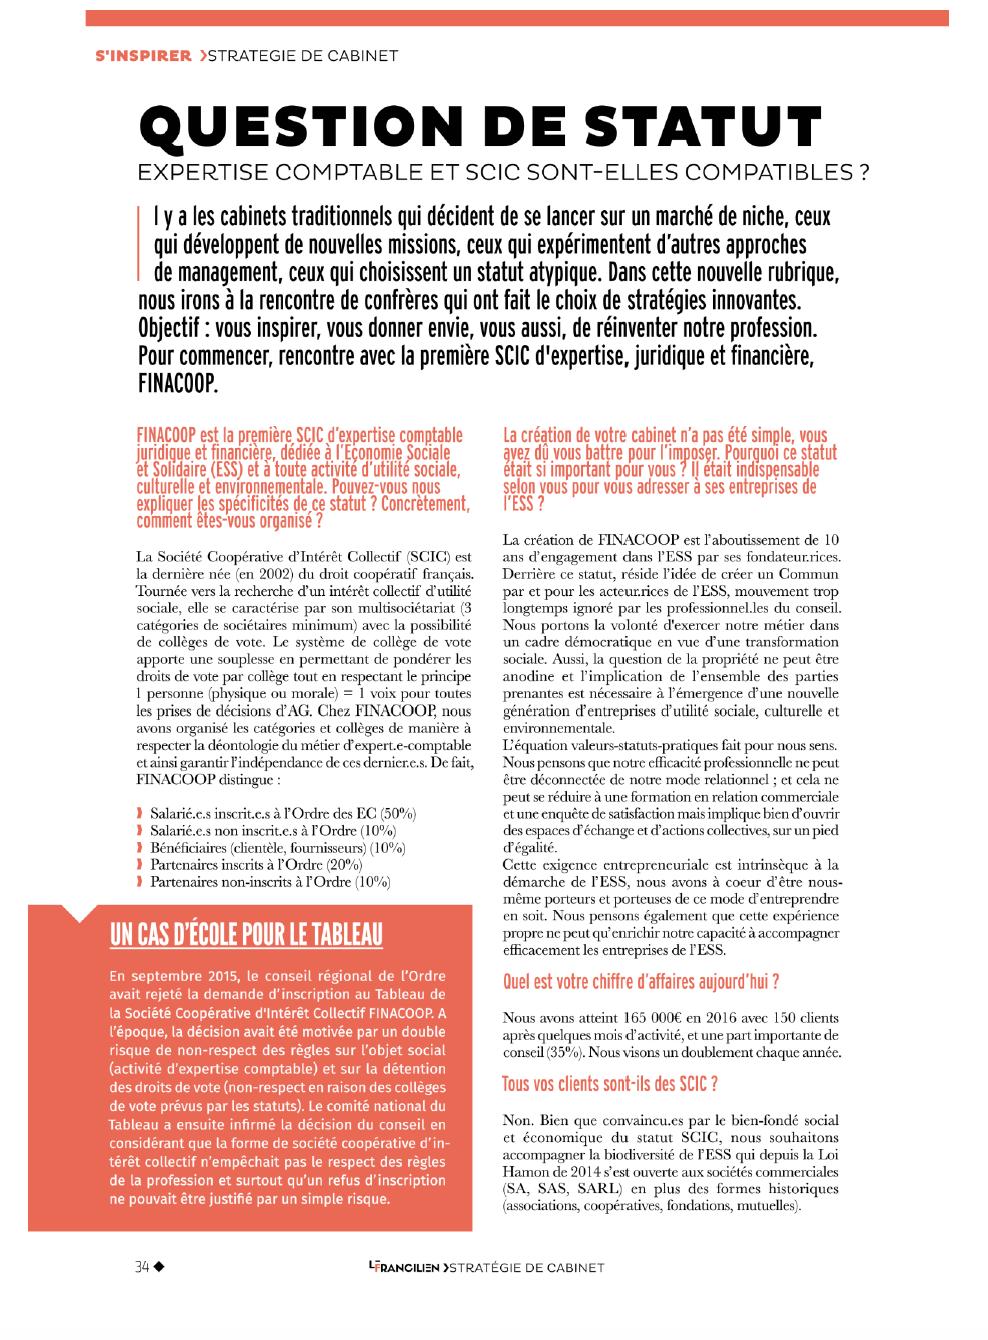 FINACOOP Le Francilien avril17 p34